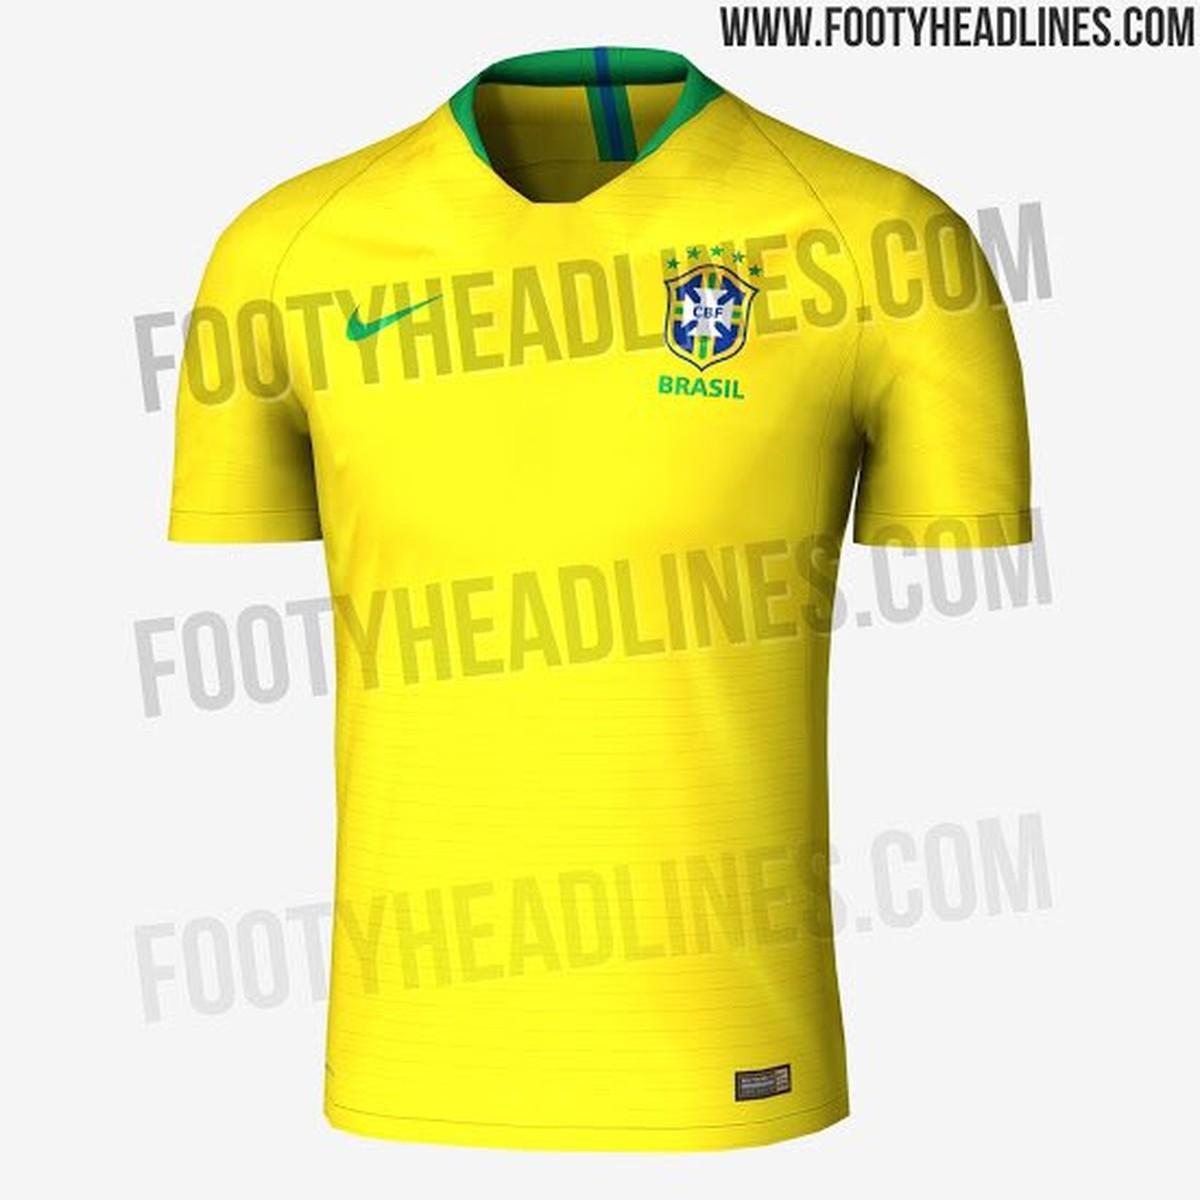 Site vaza suposta camisa que a seleção brasileira usará na Copa do Mundo   veja  f6852604c0e20